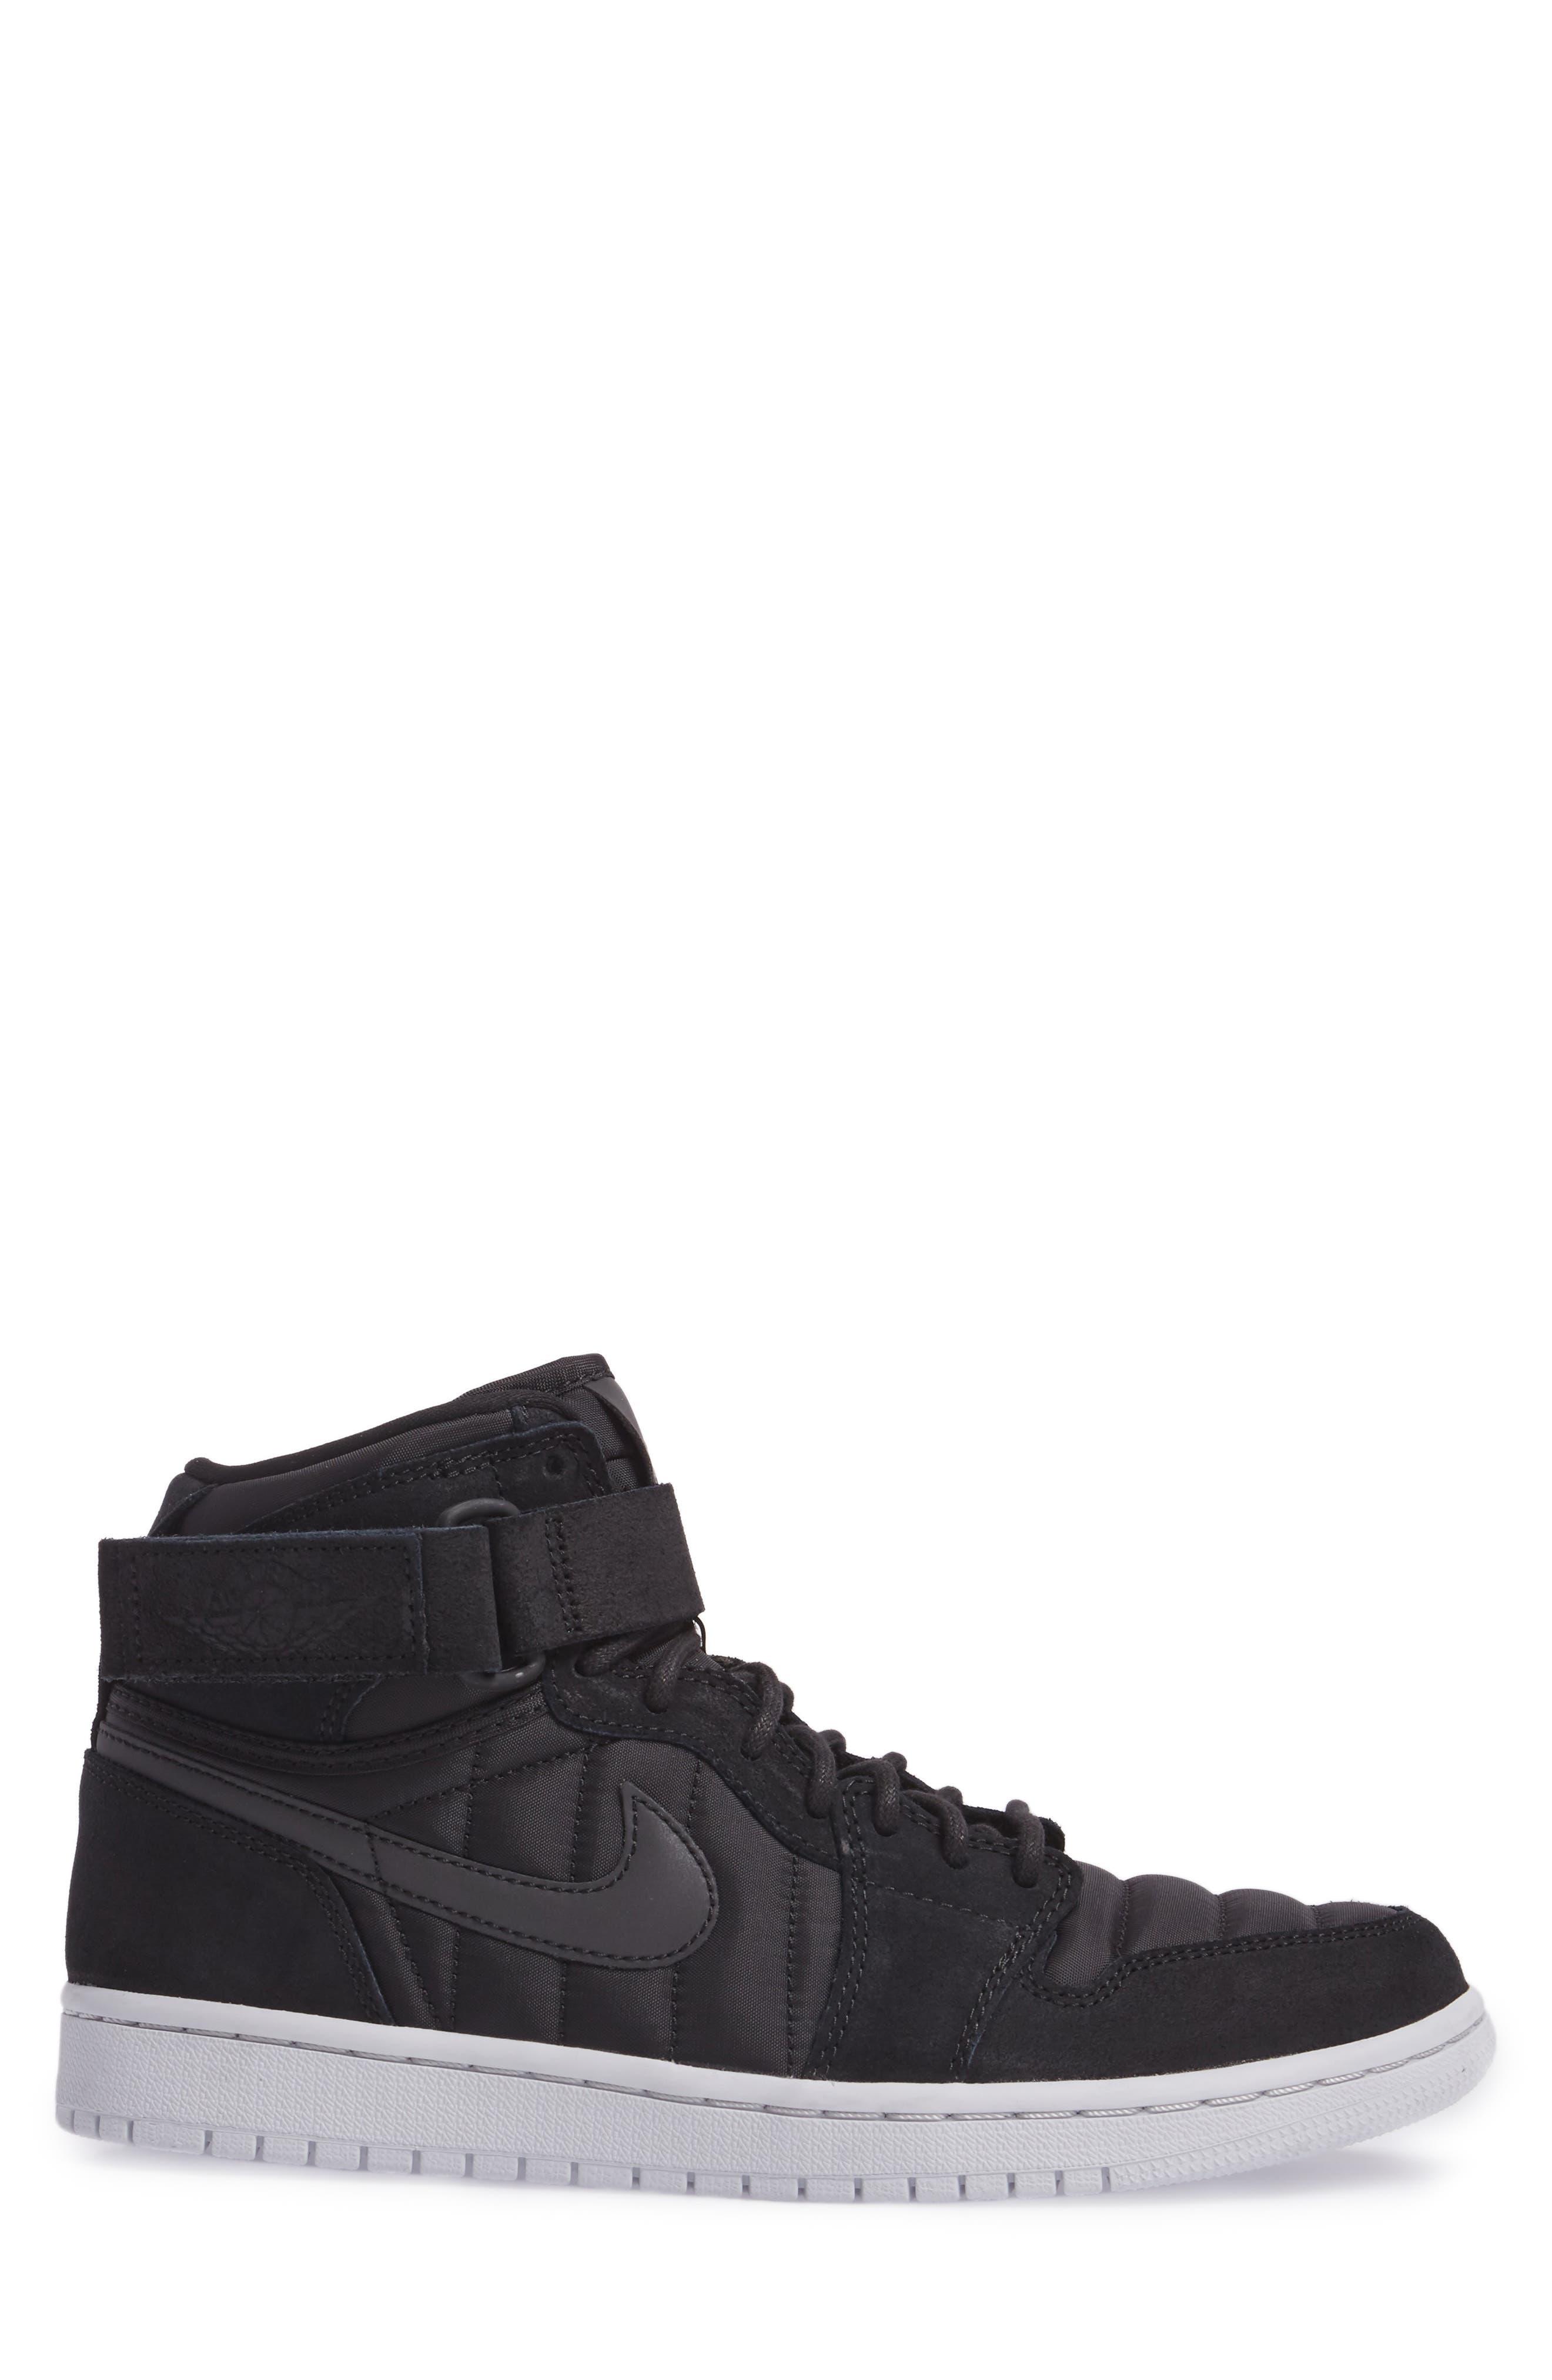 Air Jordan 1 Sneaker,                             Alternate thumbnail 3, color,                             004